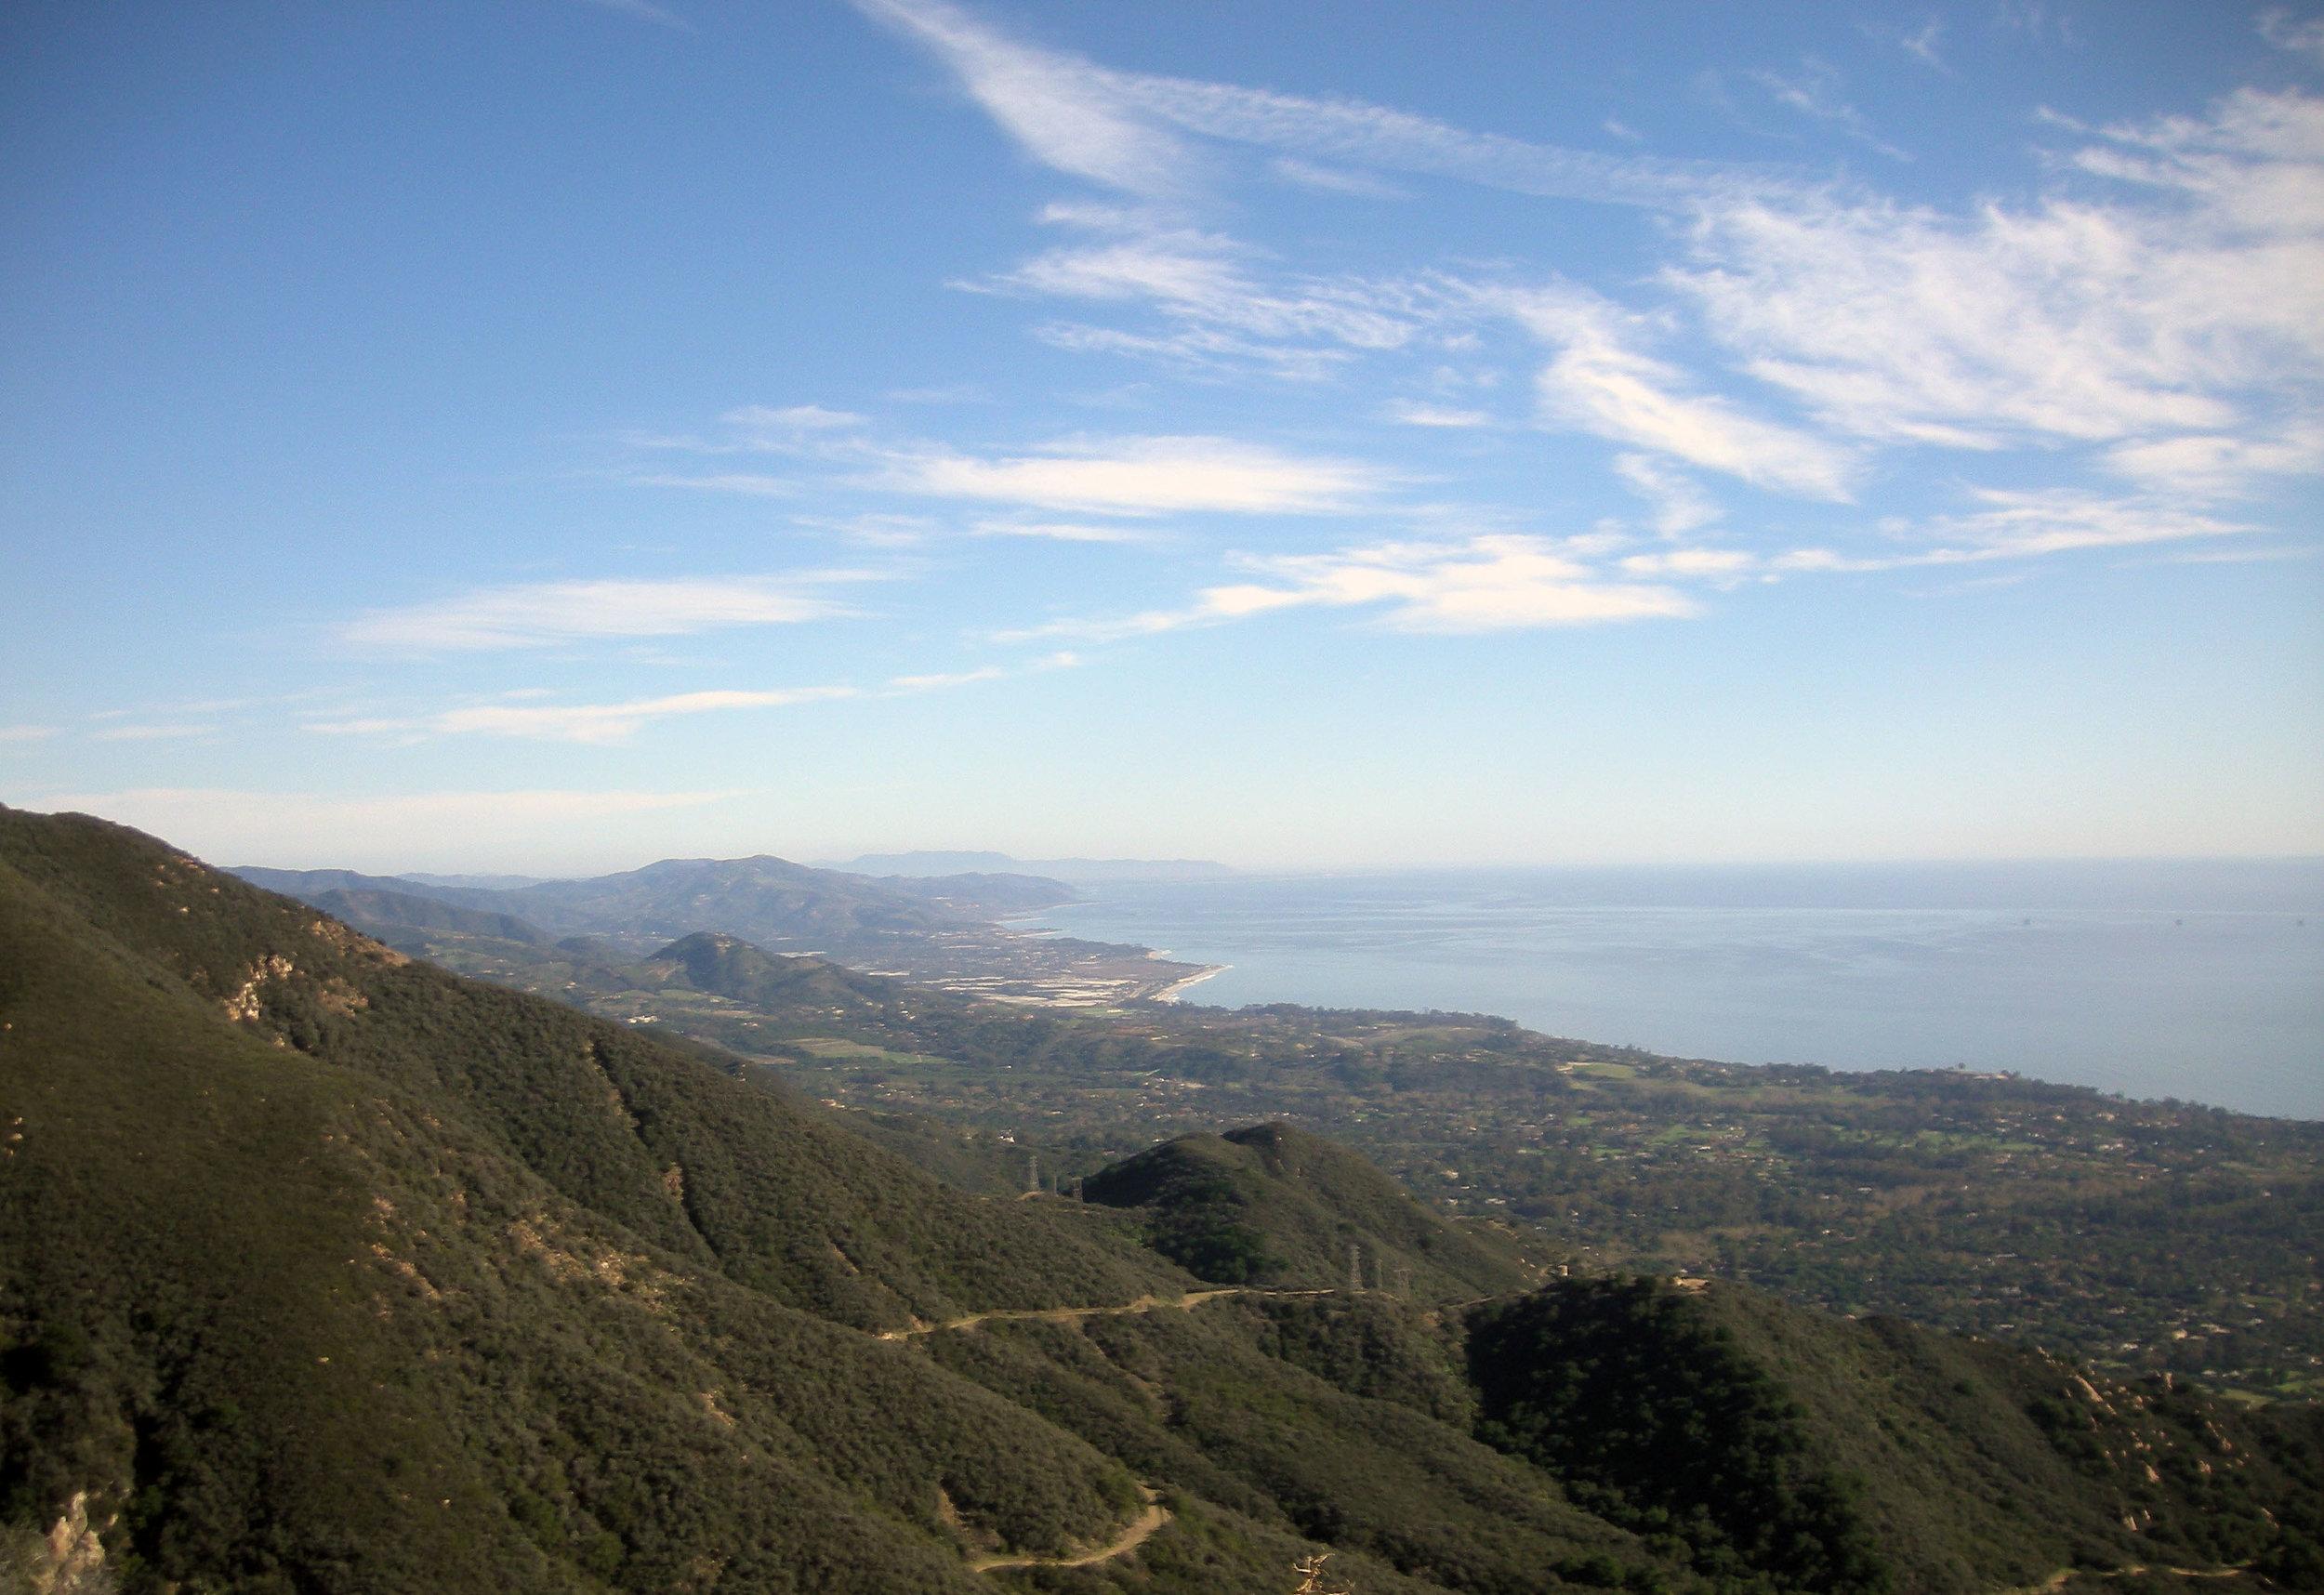 Montecito Peak hike 11-22-09.jpg